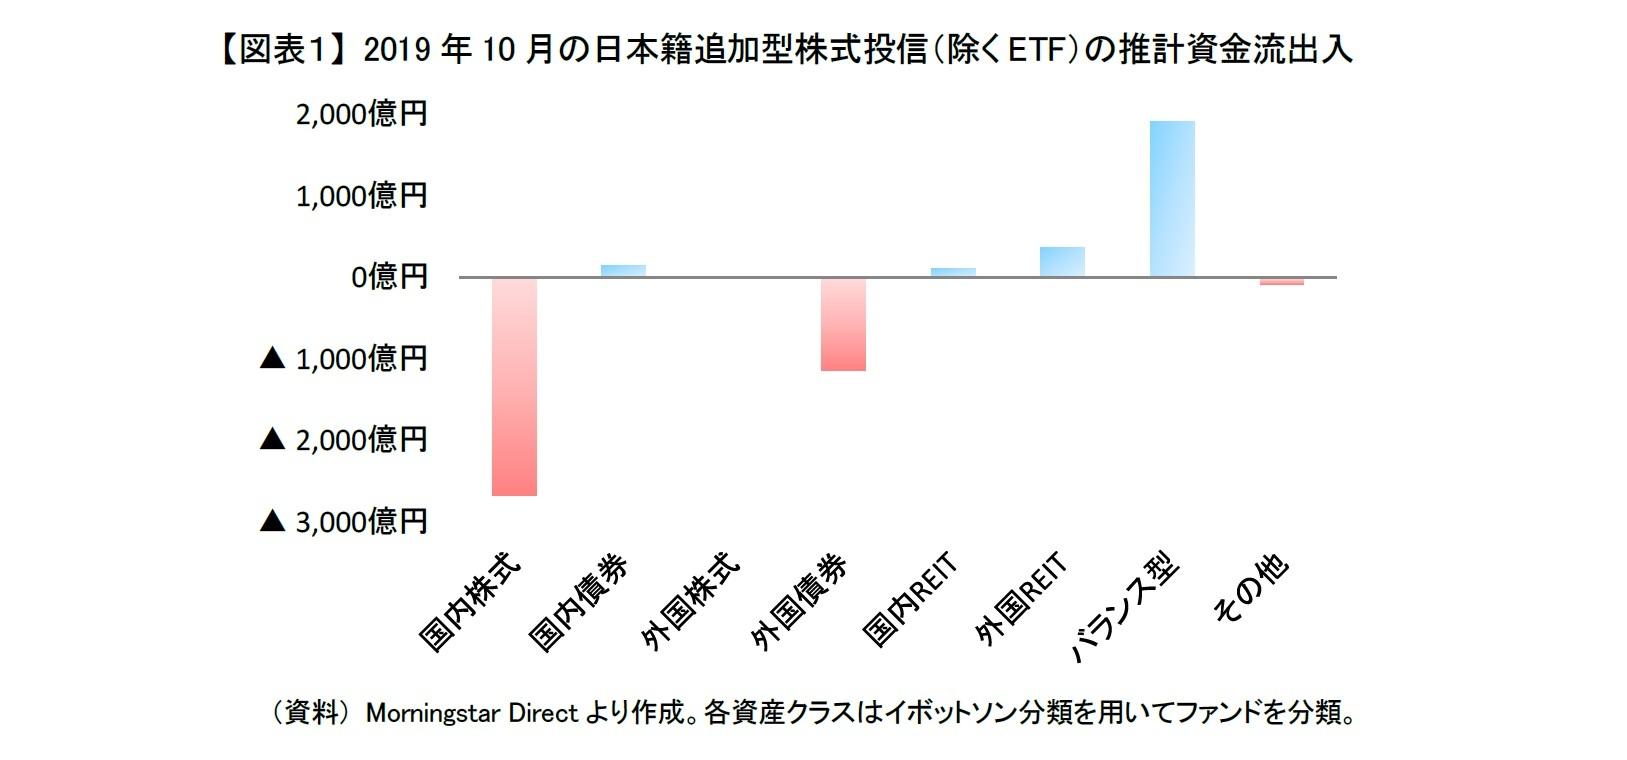 【図表1】 2019年10月の日本籍追加型株式投信(除くETF)の推計資金流出入